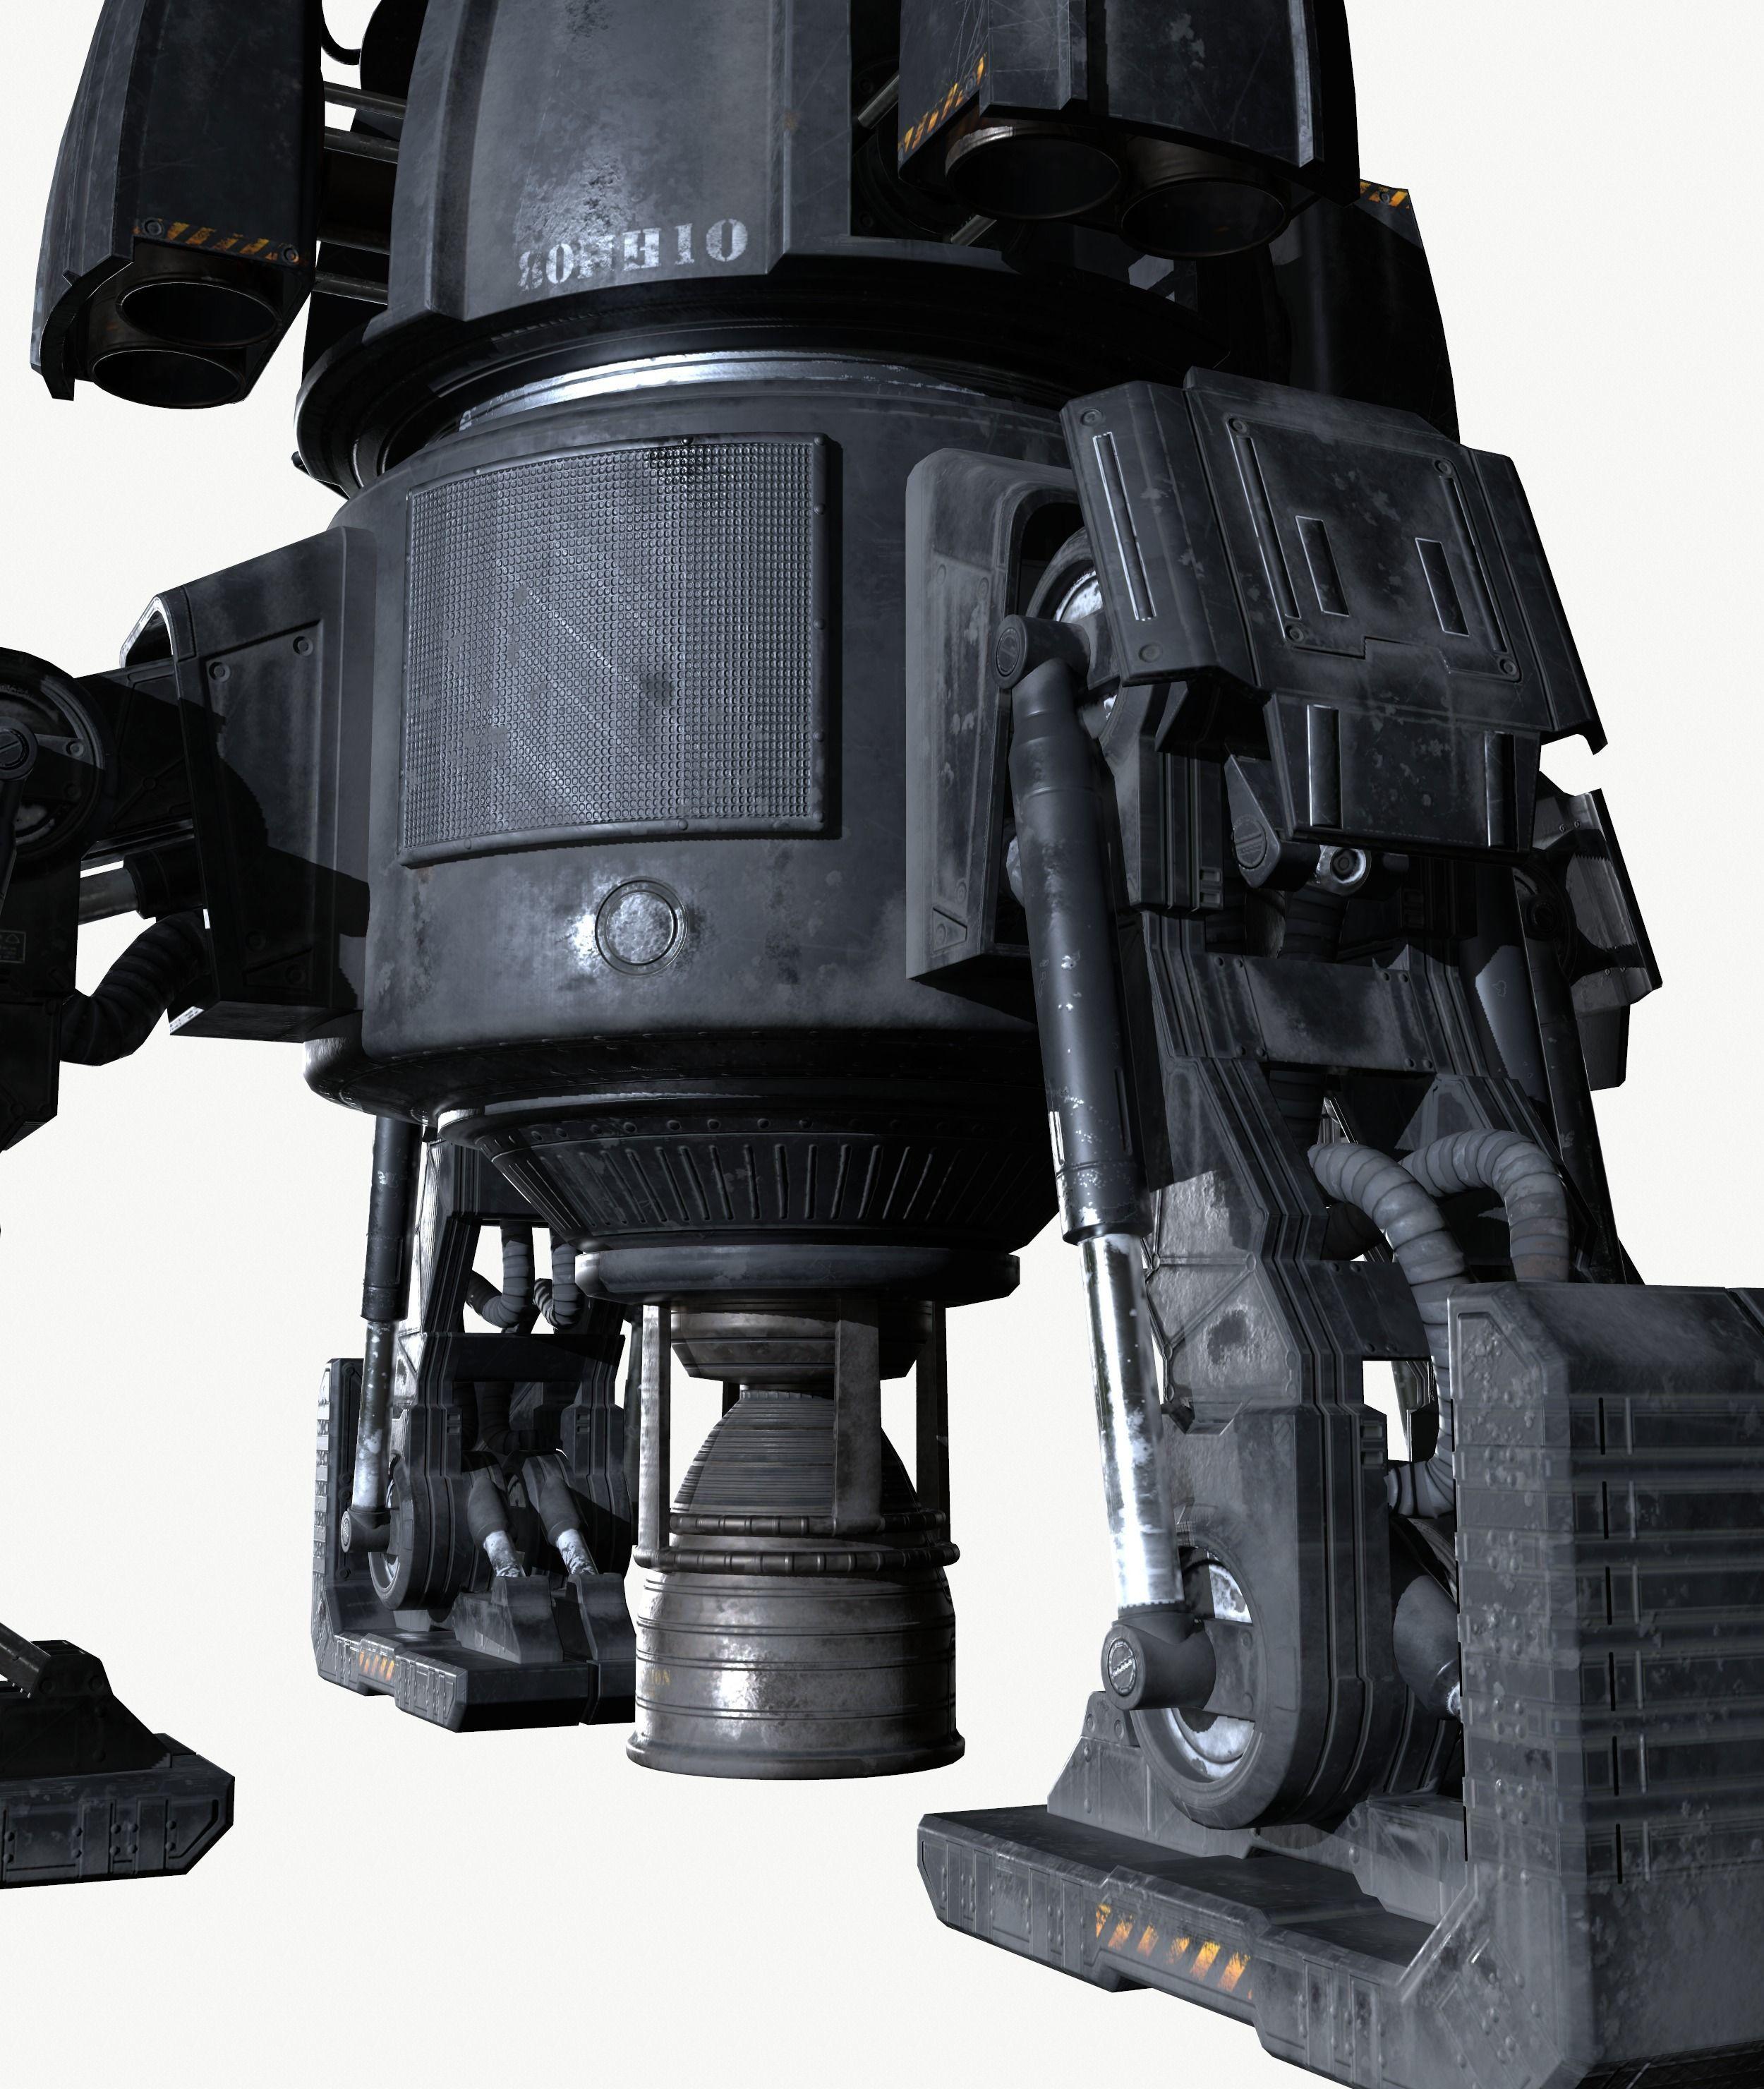 Turret Game 3D model